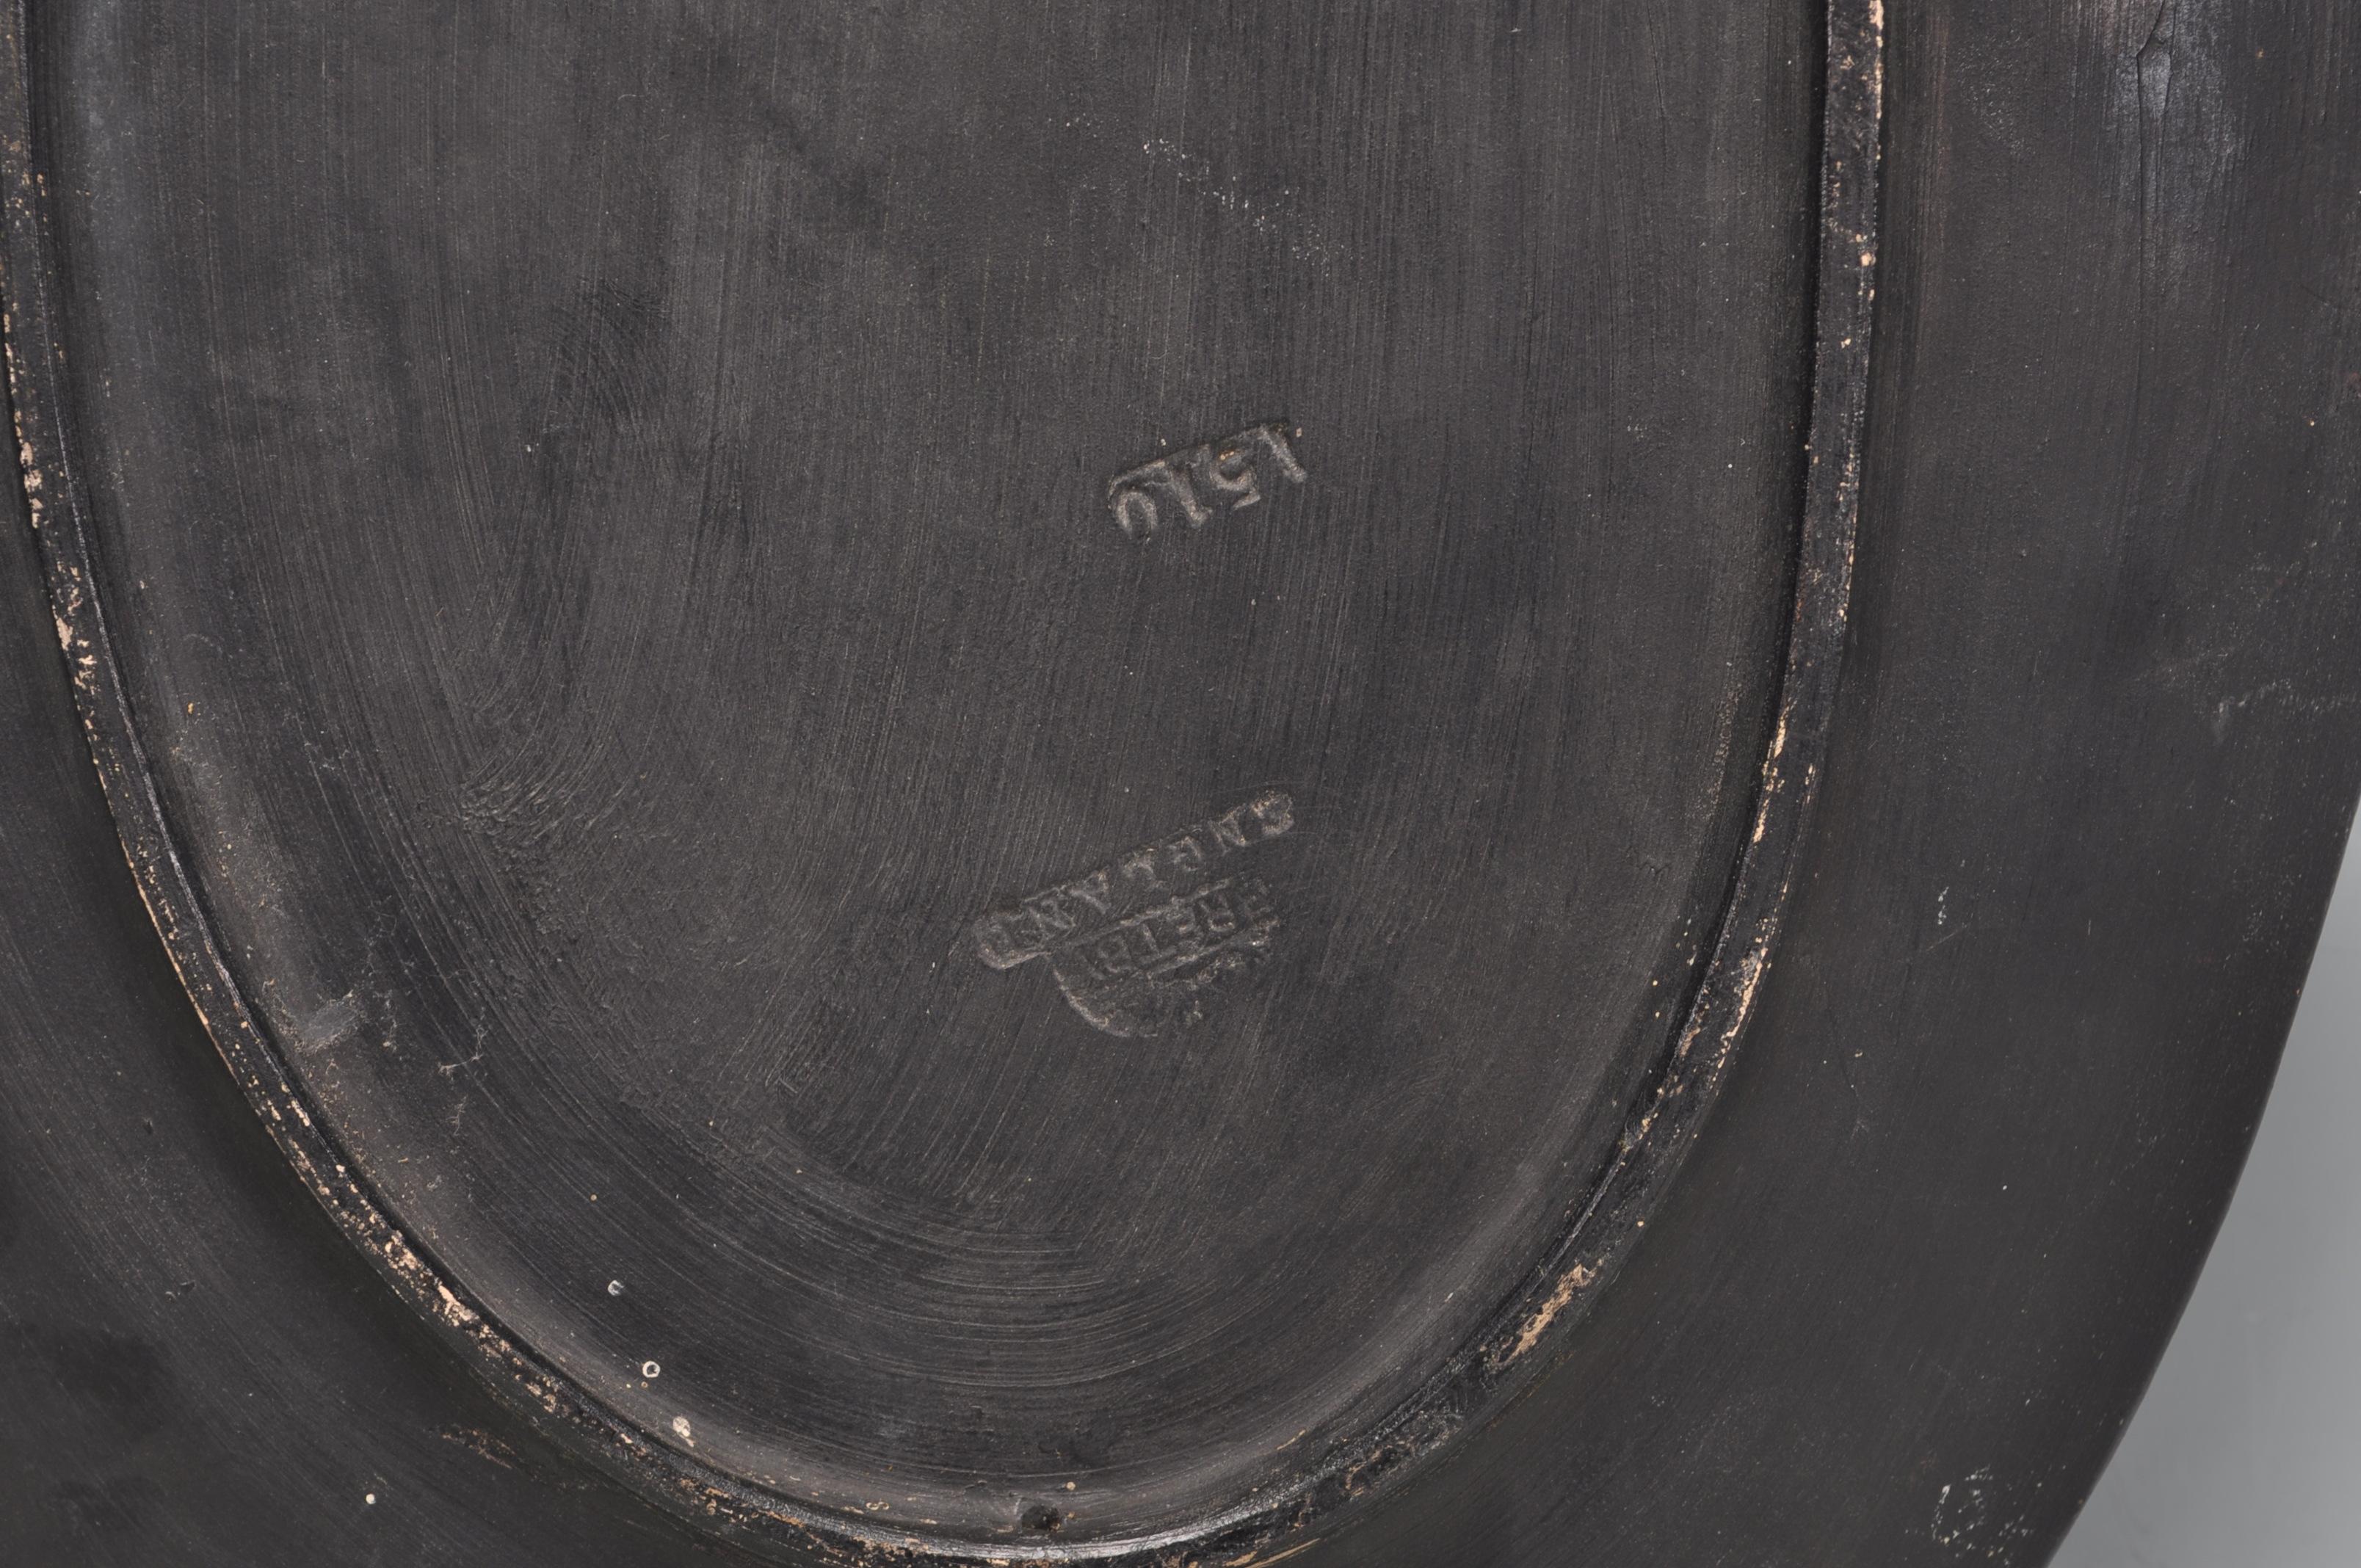 PAIR BRETBY RETRO CERAMIC ORIENTAL WALL PLAQUES - Image 6 of 6